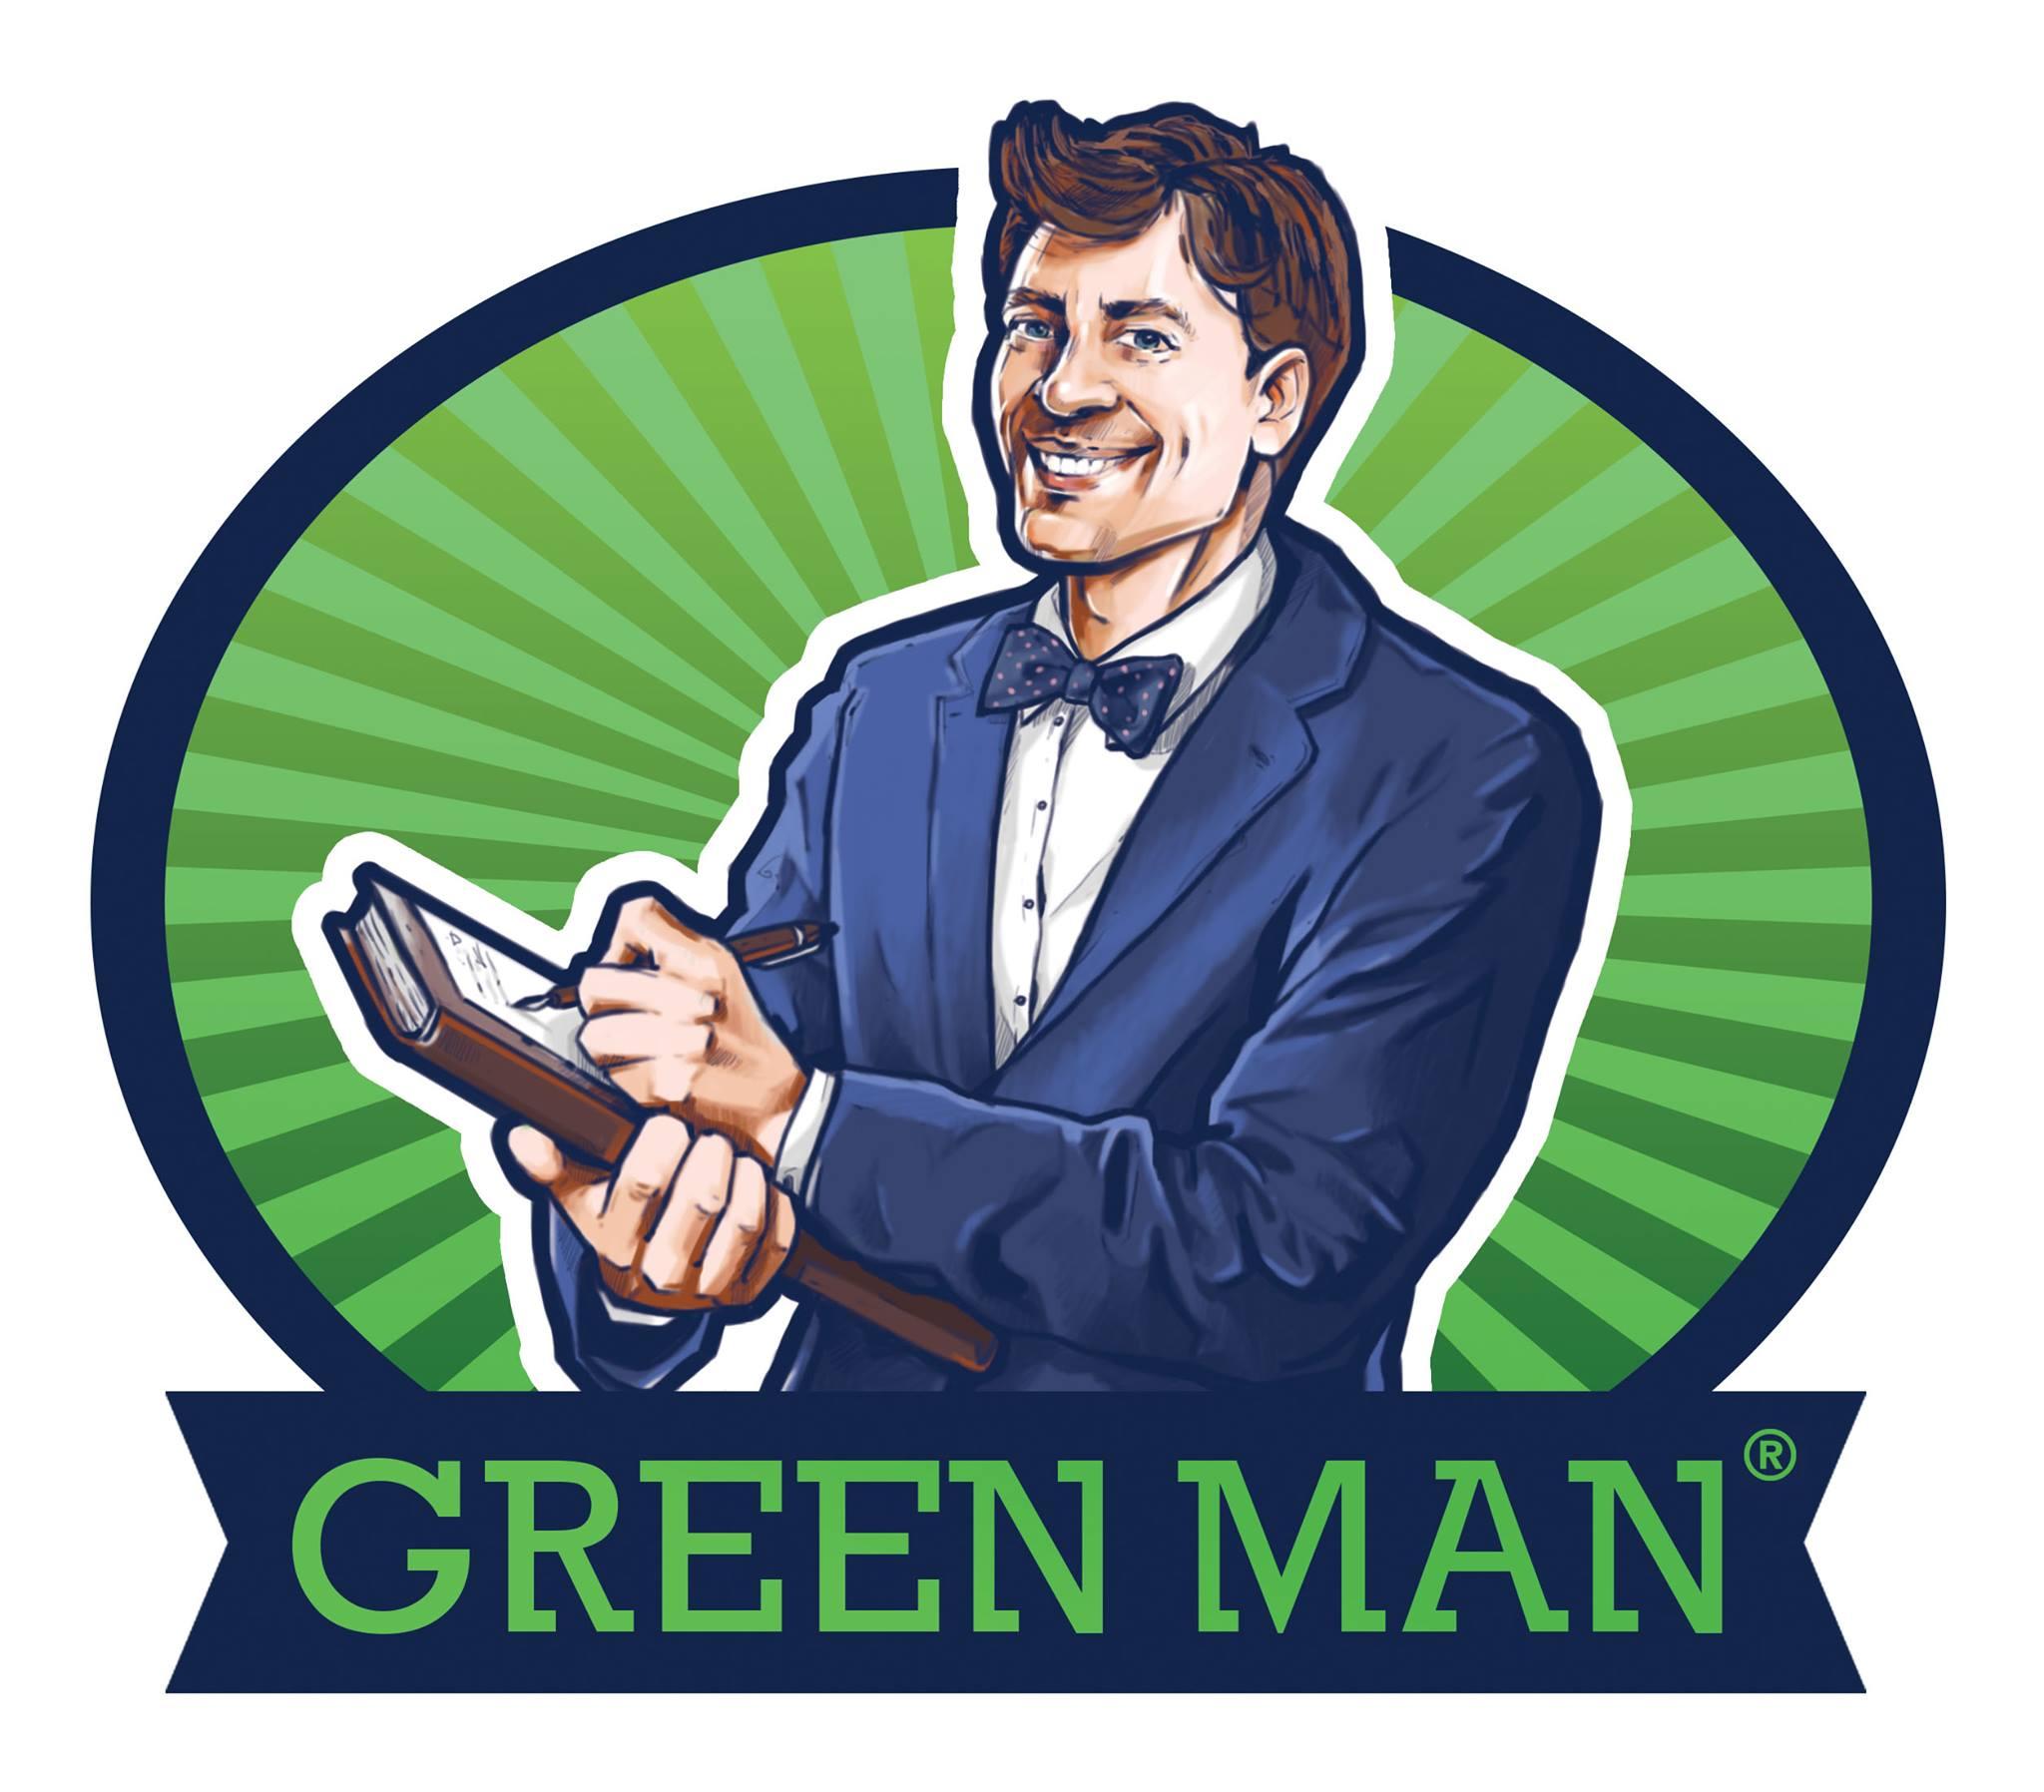 greenman slovensko